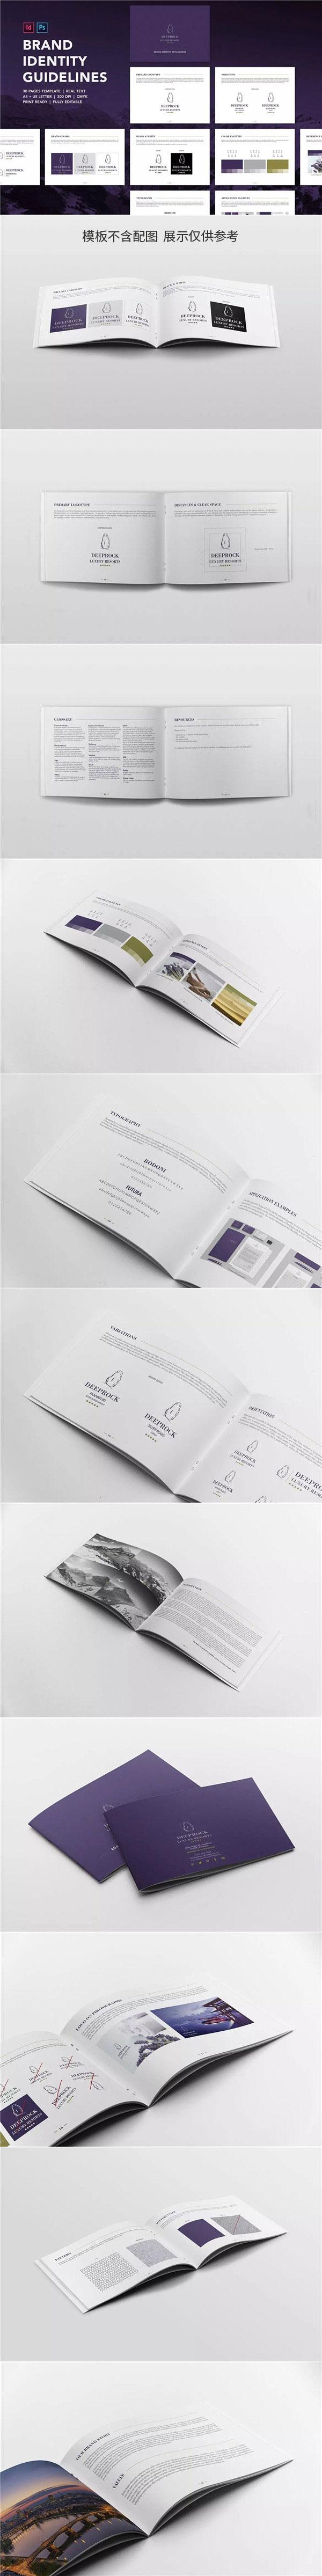 高品质品牌手册